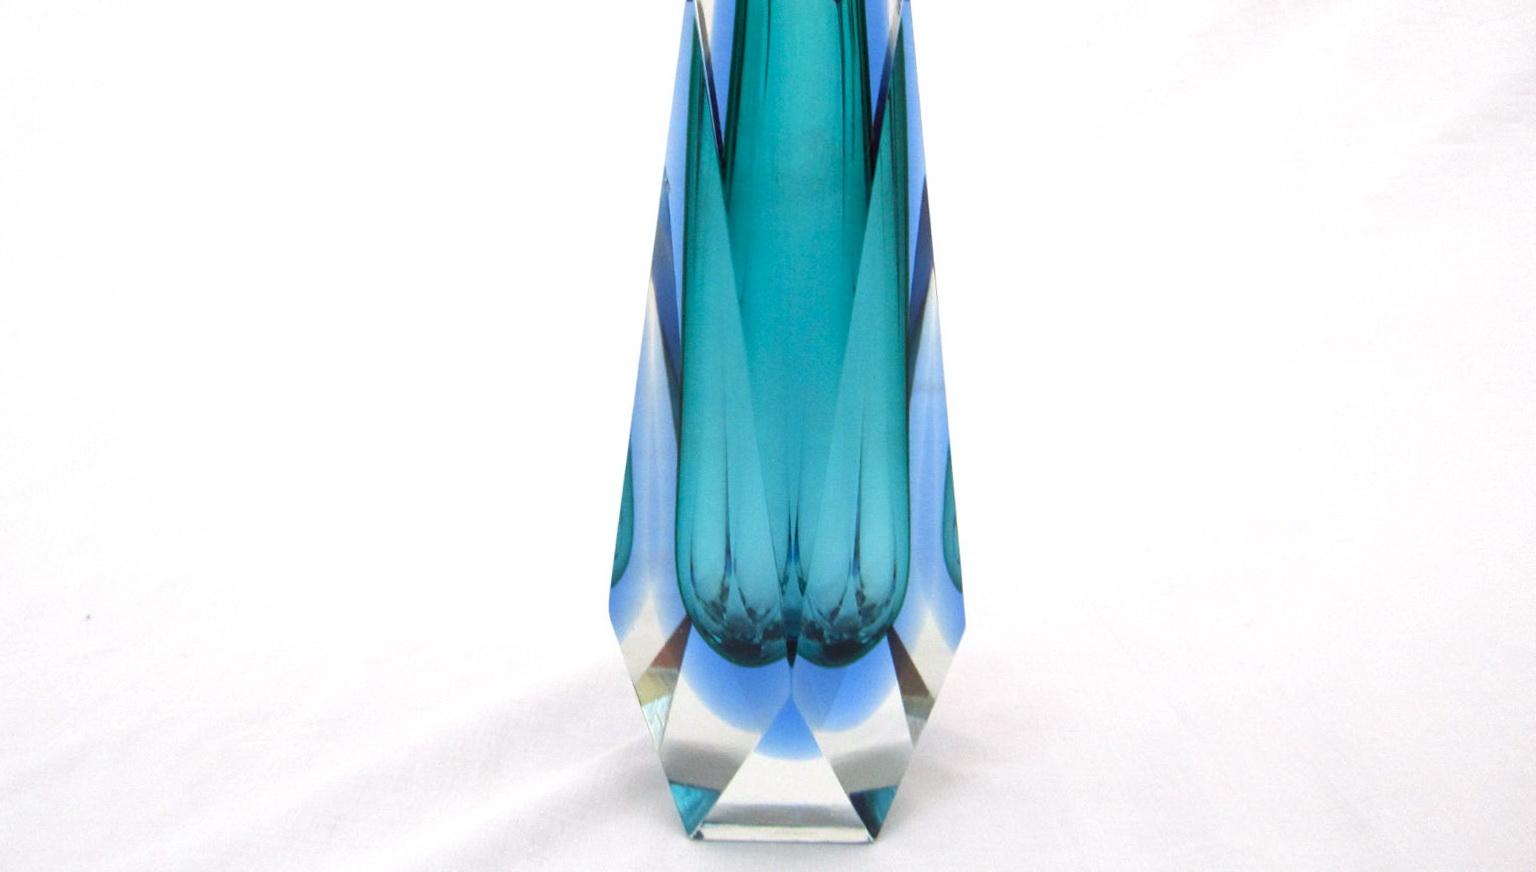 Art Glass Vases Ebay